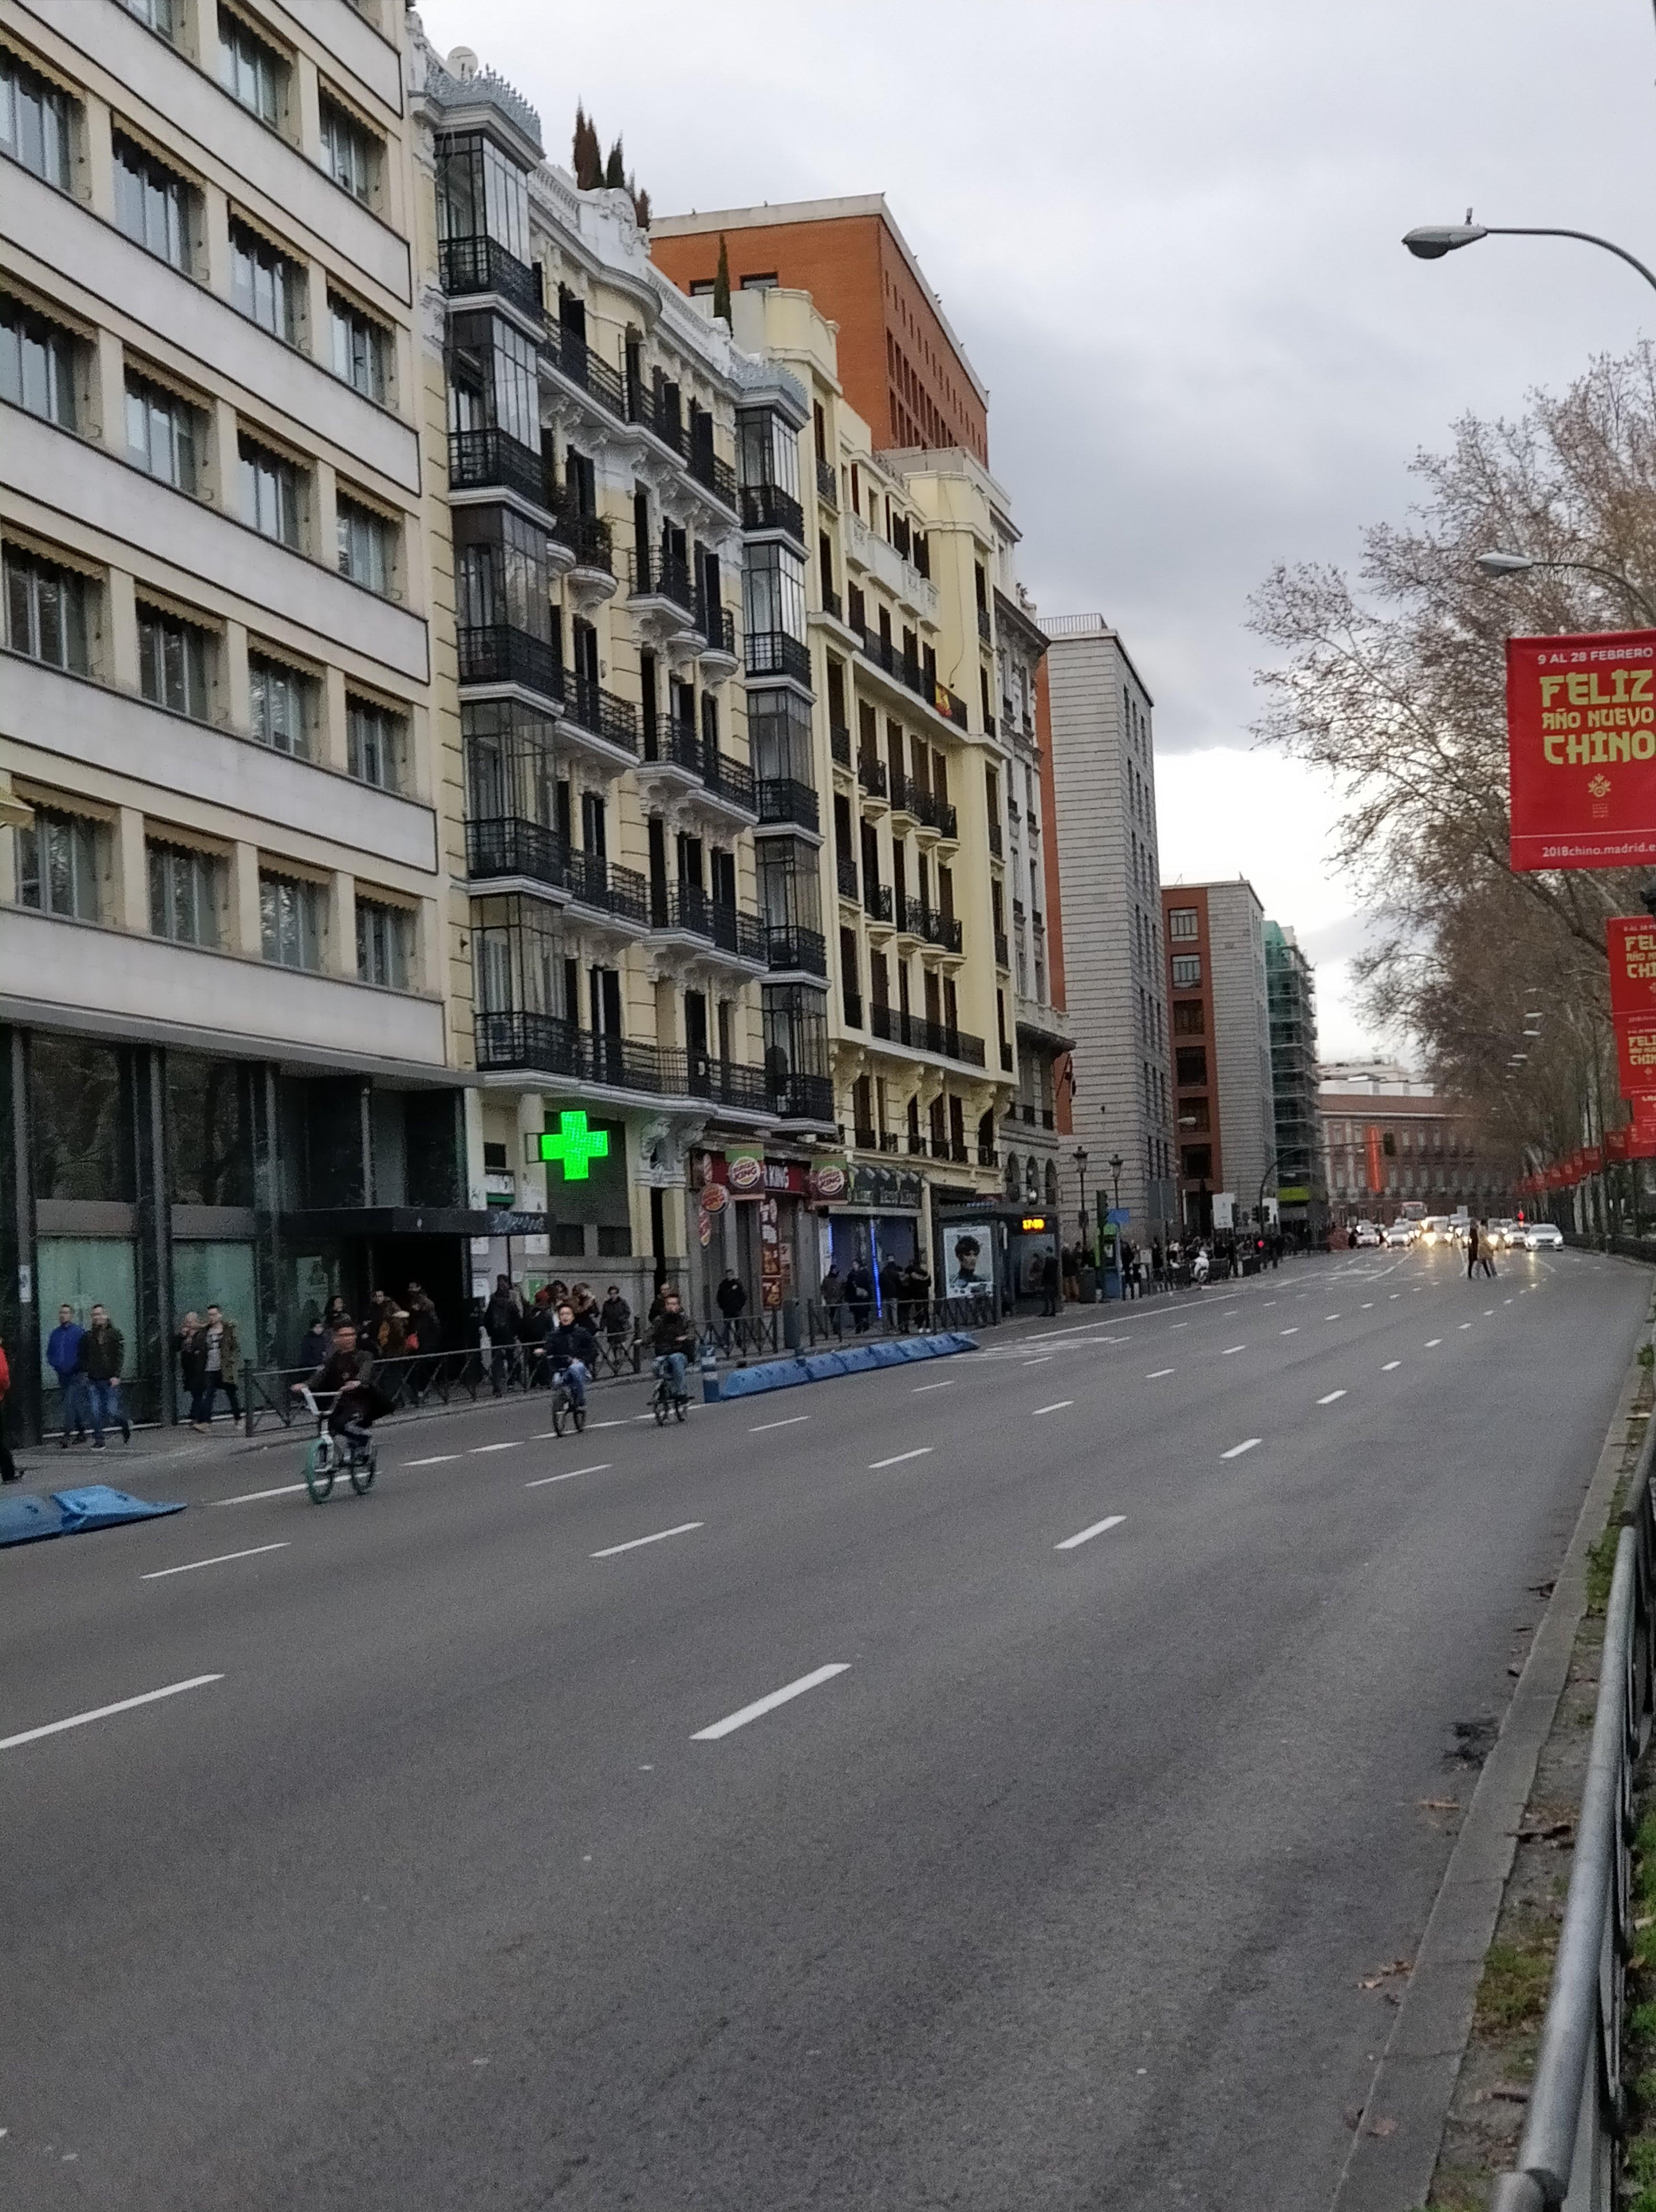 Foto de ciclistas solitarios por el paseo del Prado